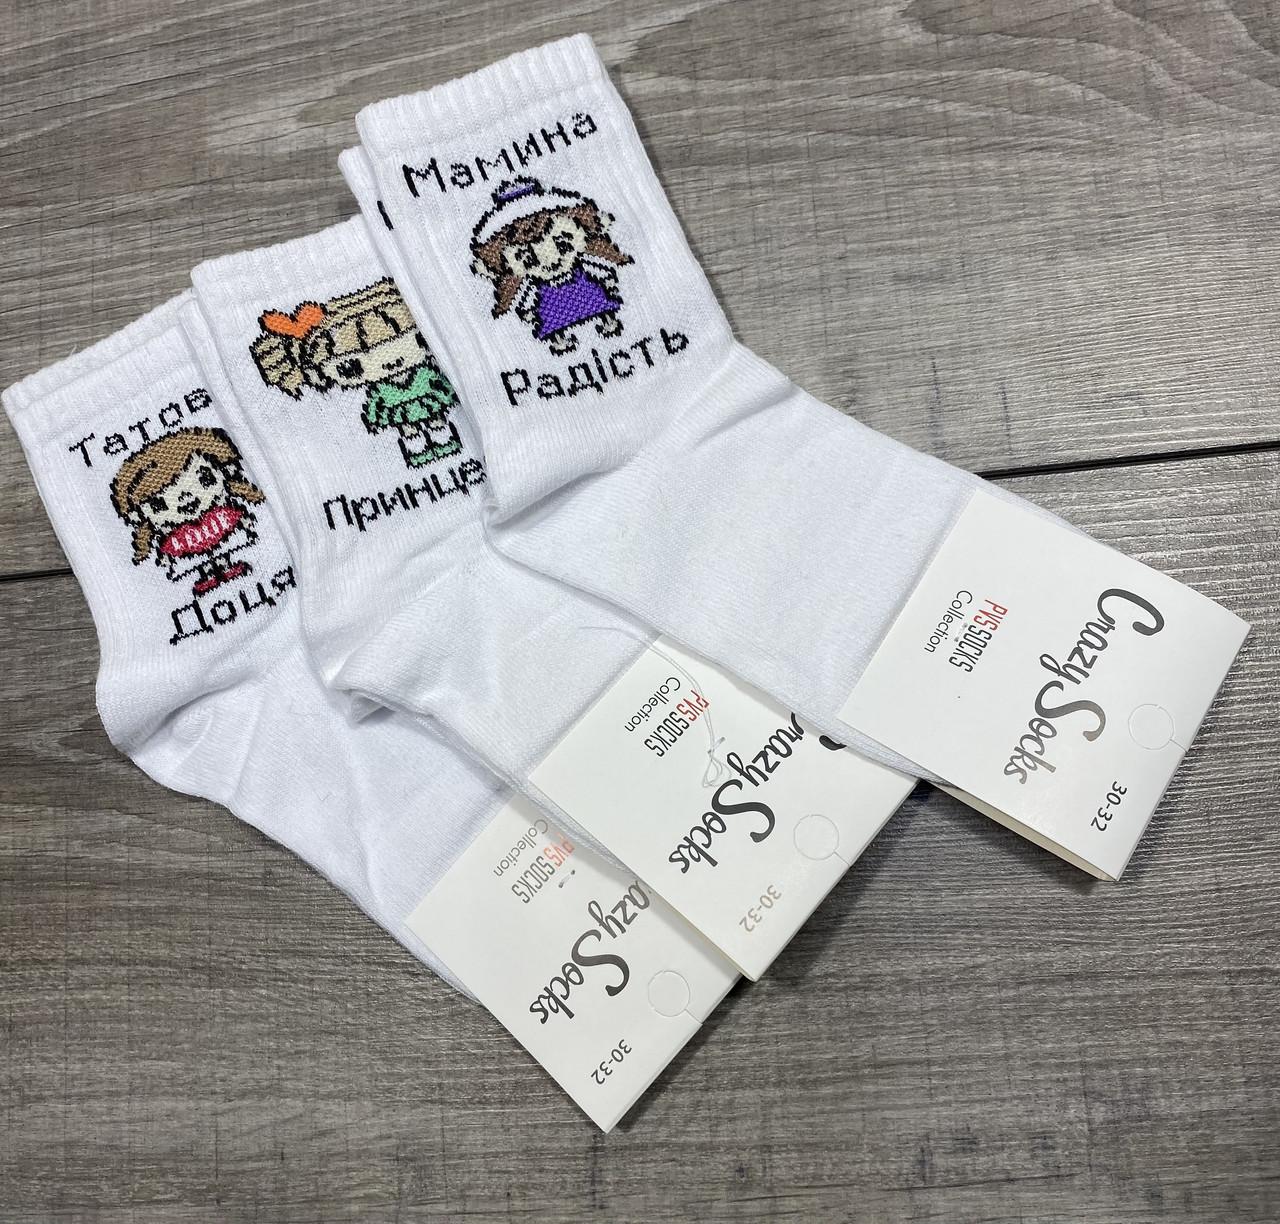 Жіночі демісезонні шкарпетки Crezy Socks білі з написами і малюнком бавовна високі розмір 30-32 12 шт в уп